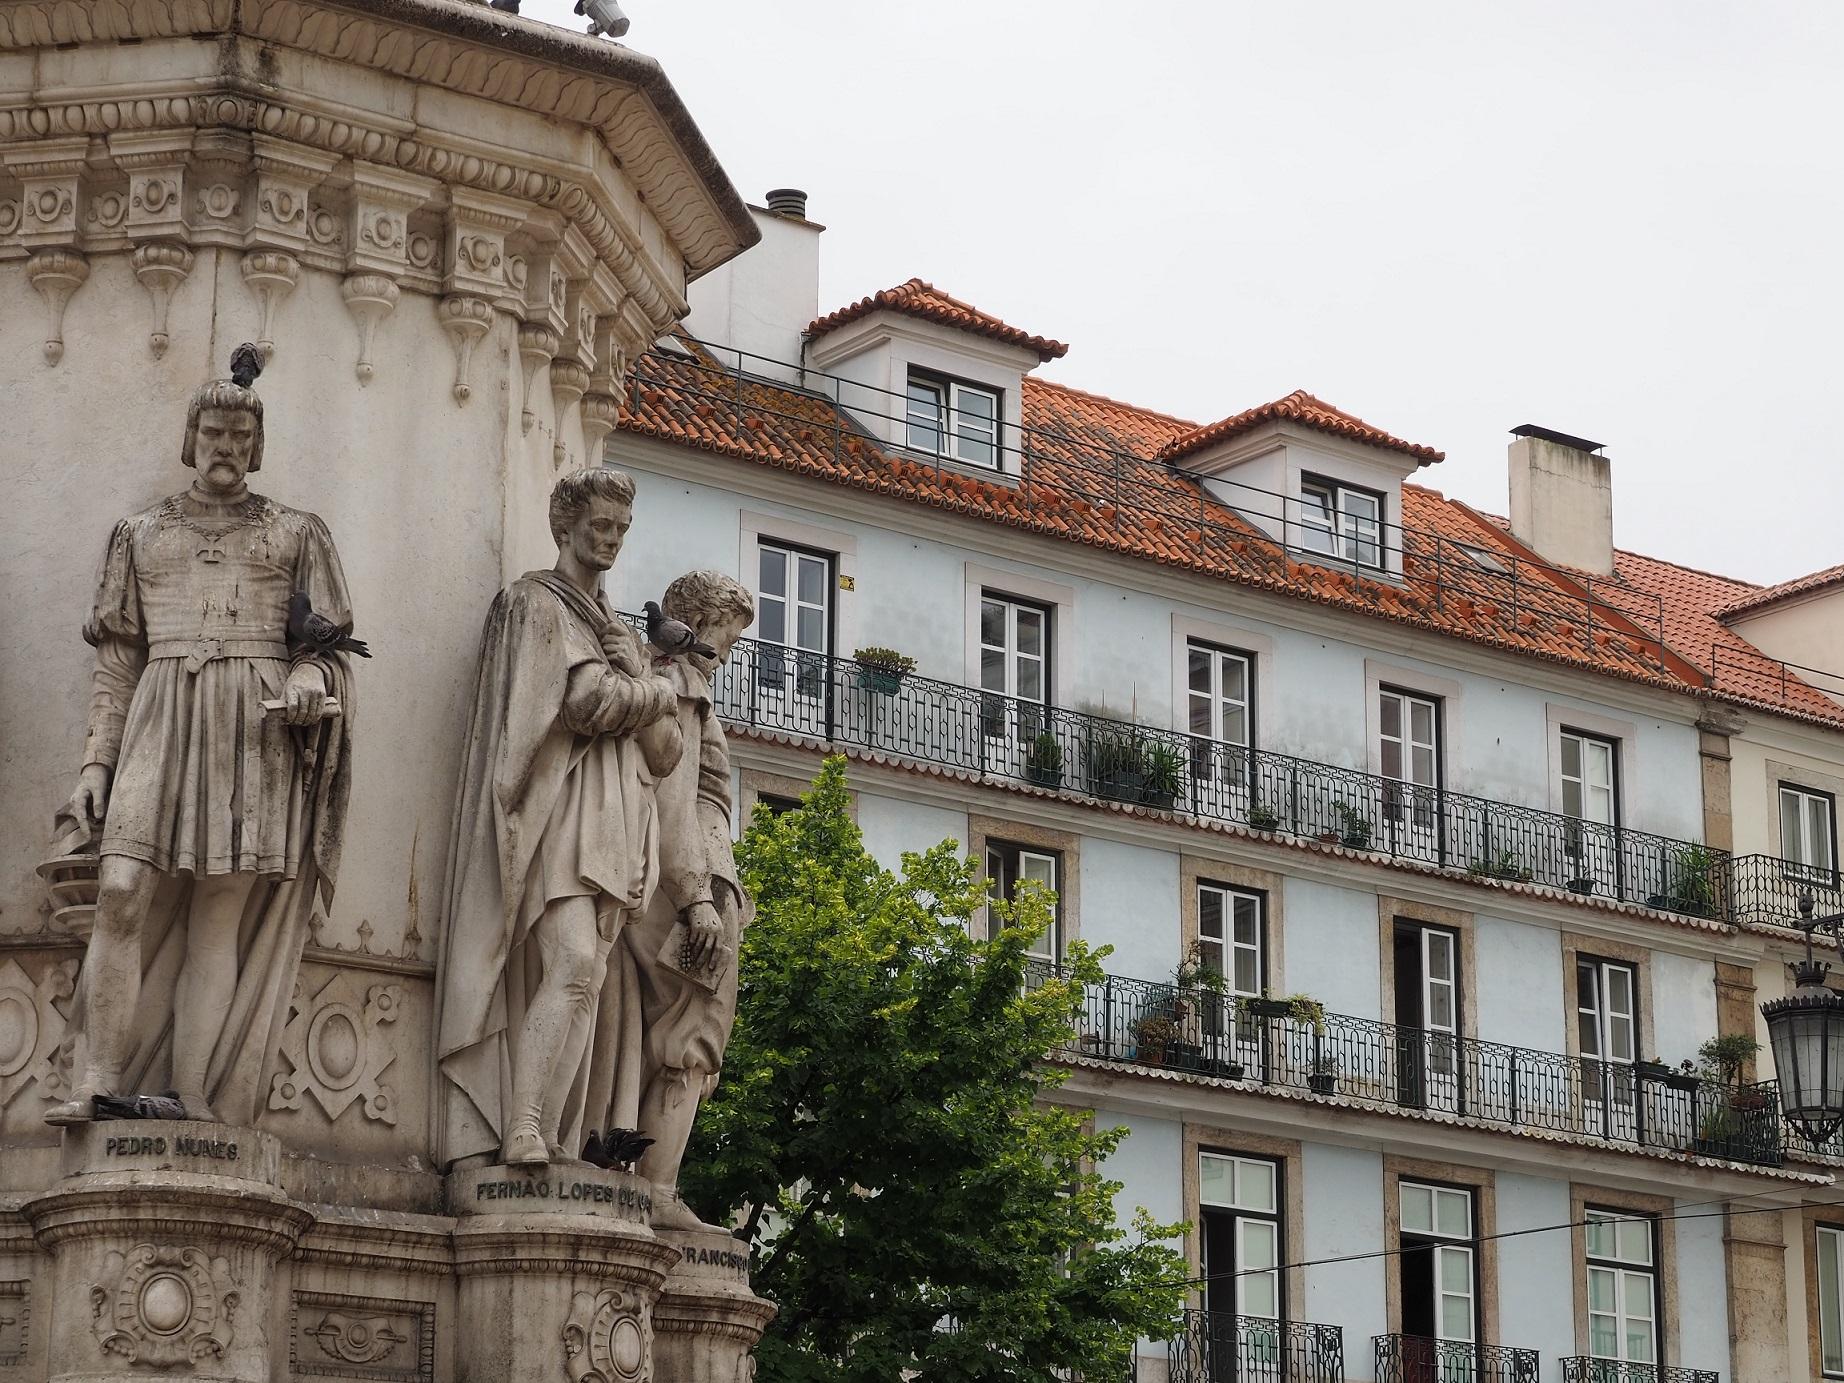 Praça Luís de Camões à Lisbonne